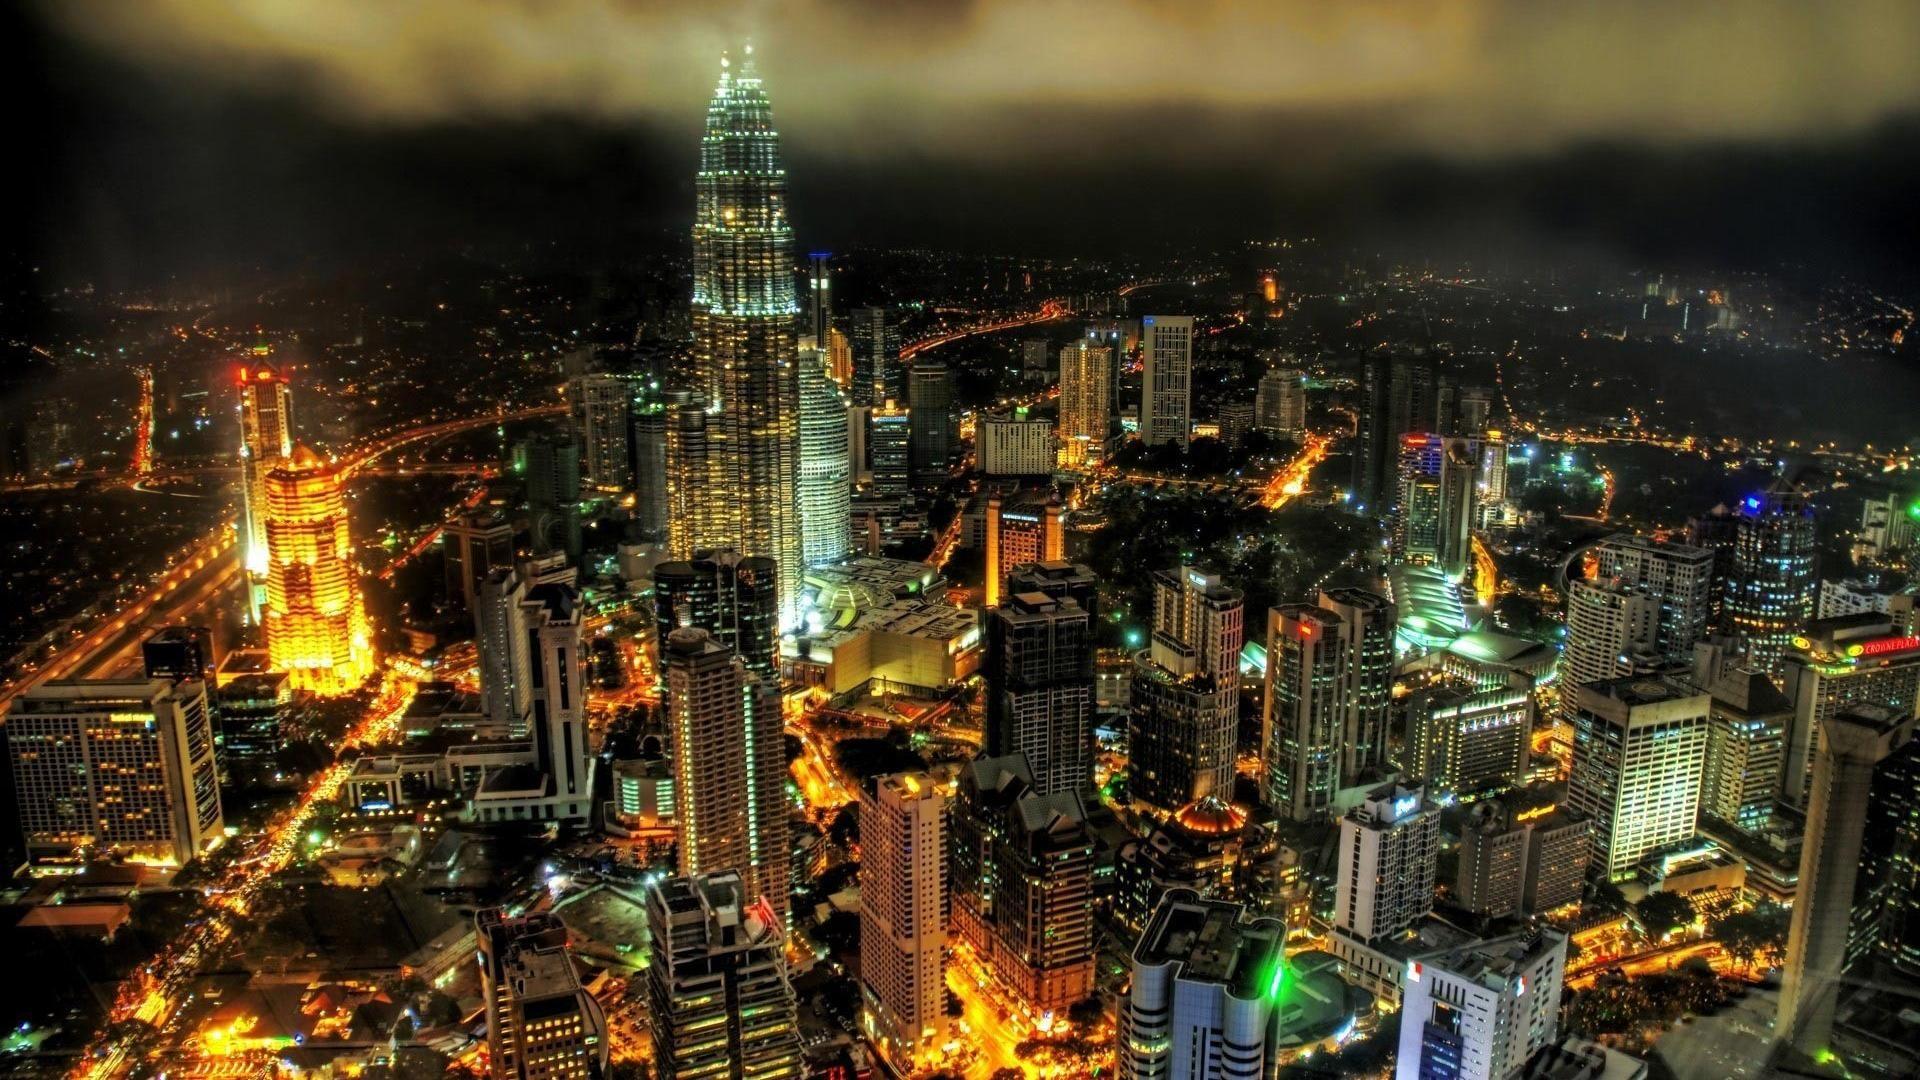 city landscape photography - photo #39